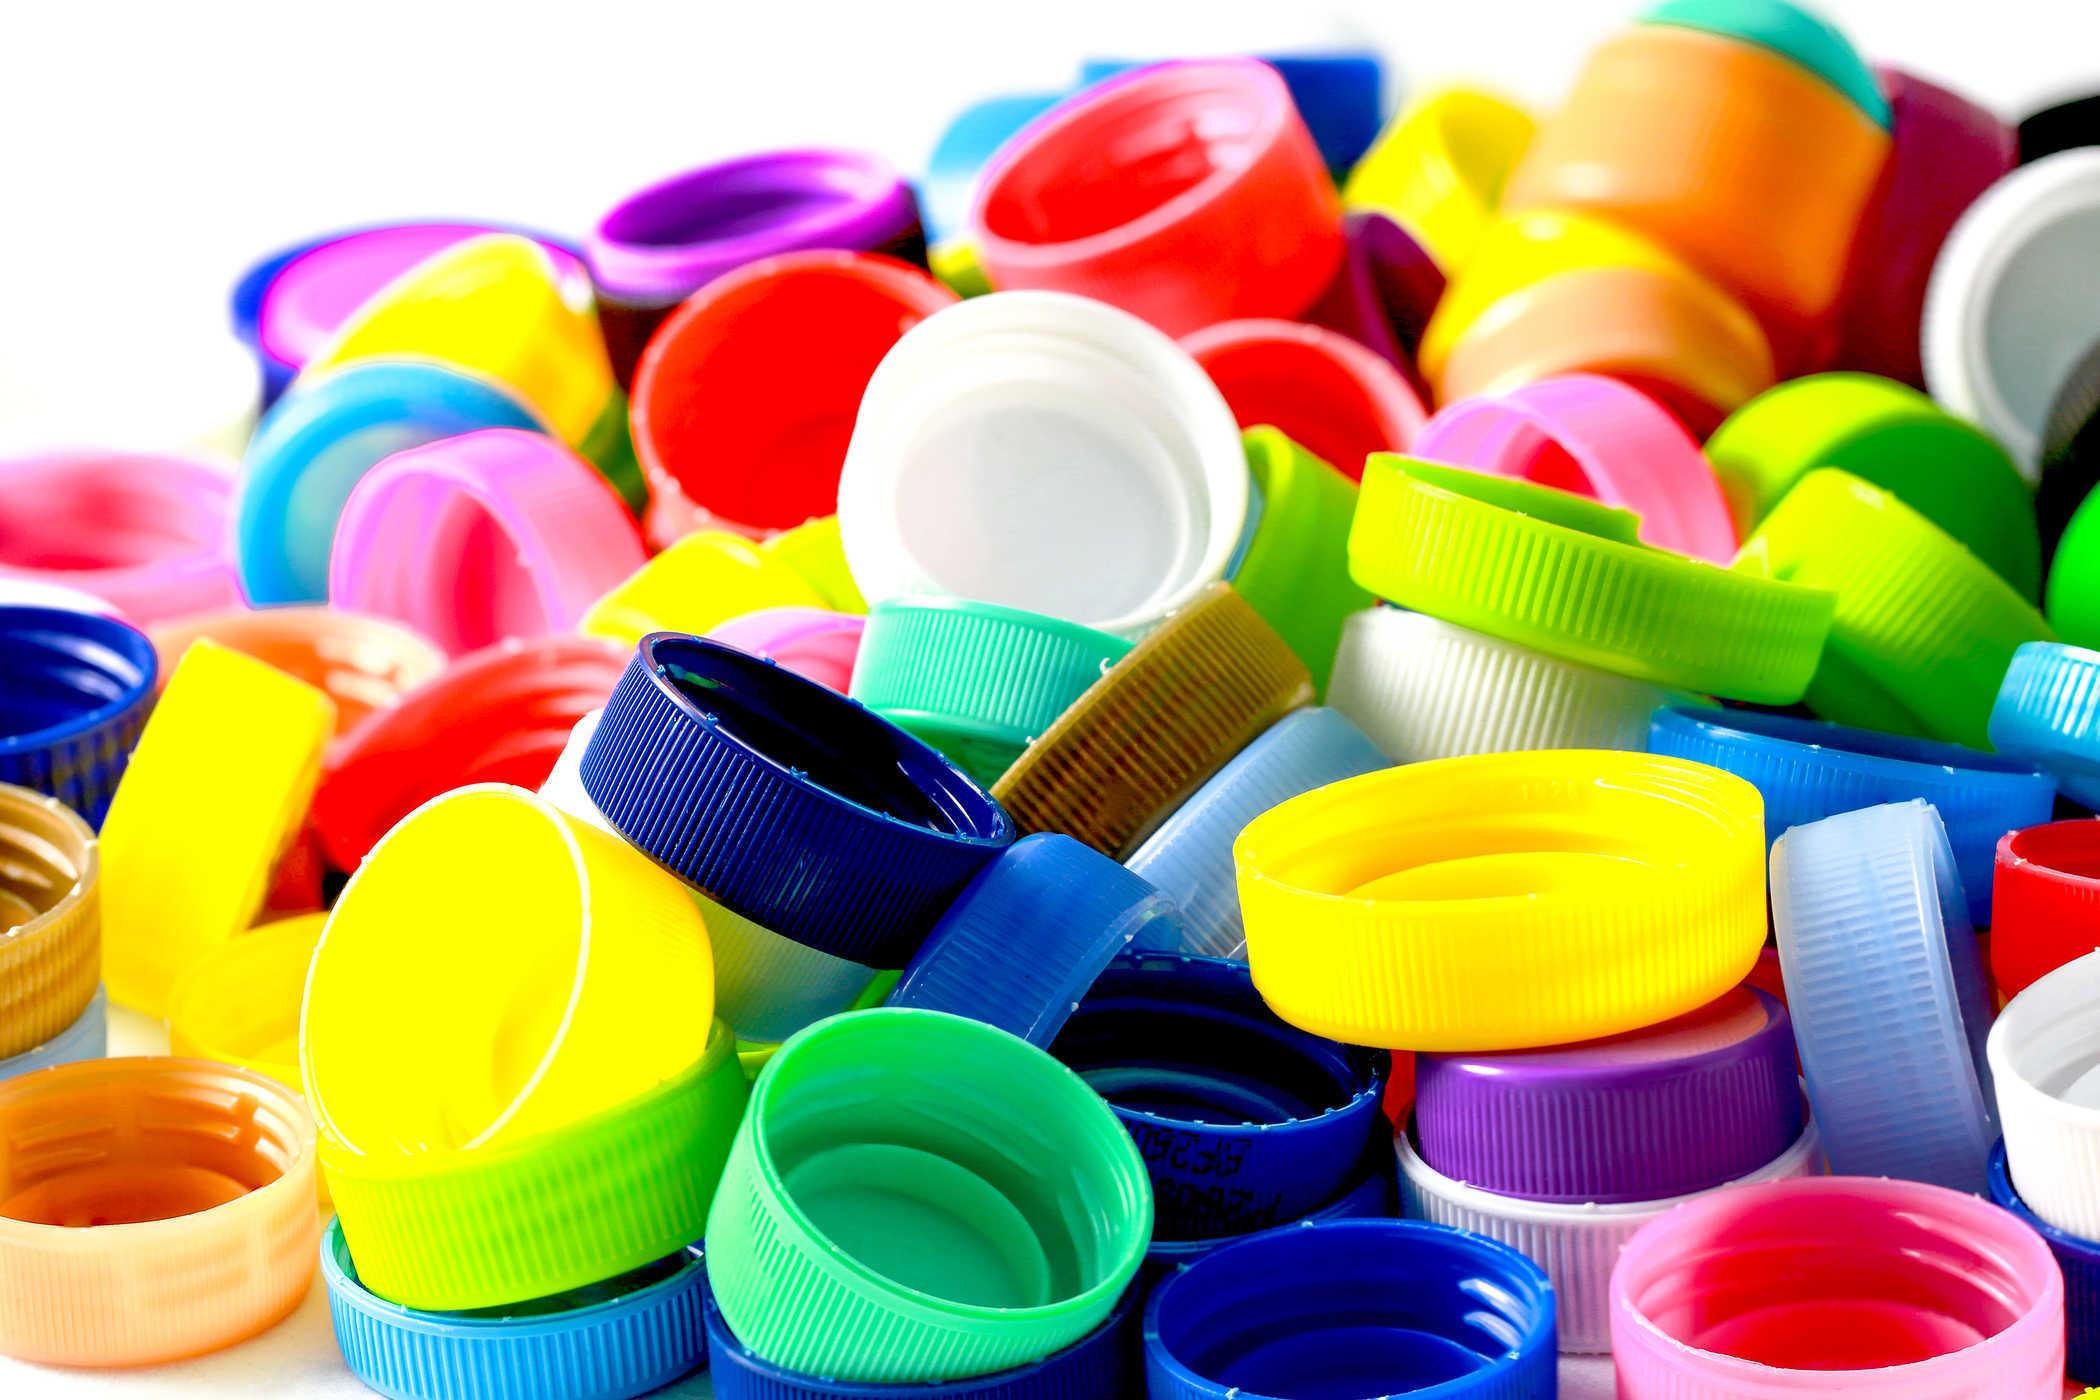 chọn nhựa an toàn cho gia đình